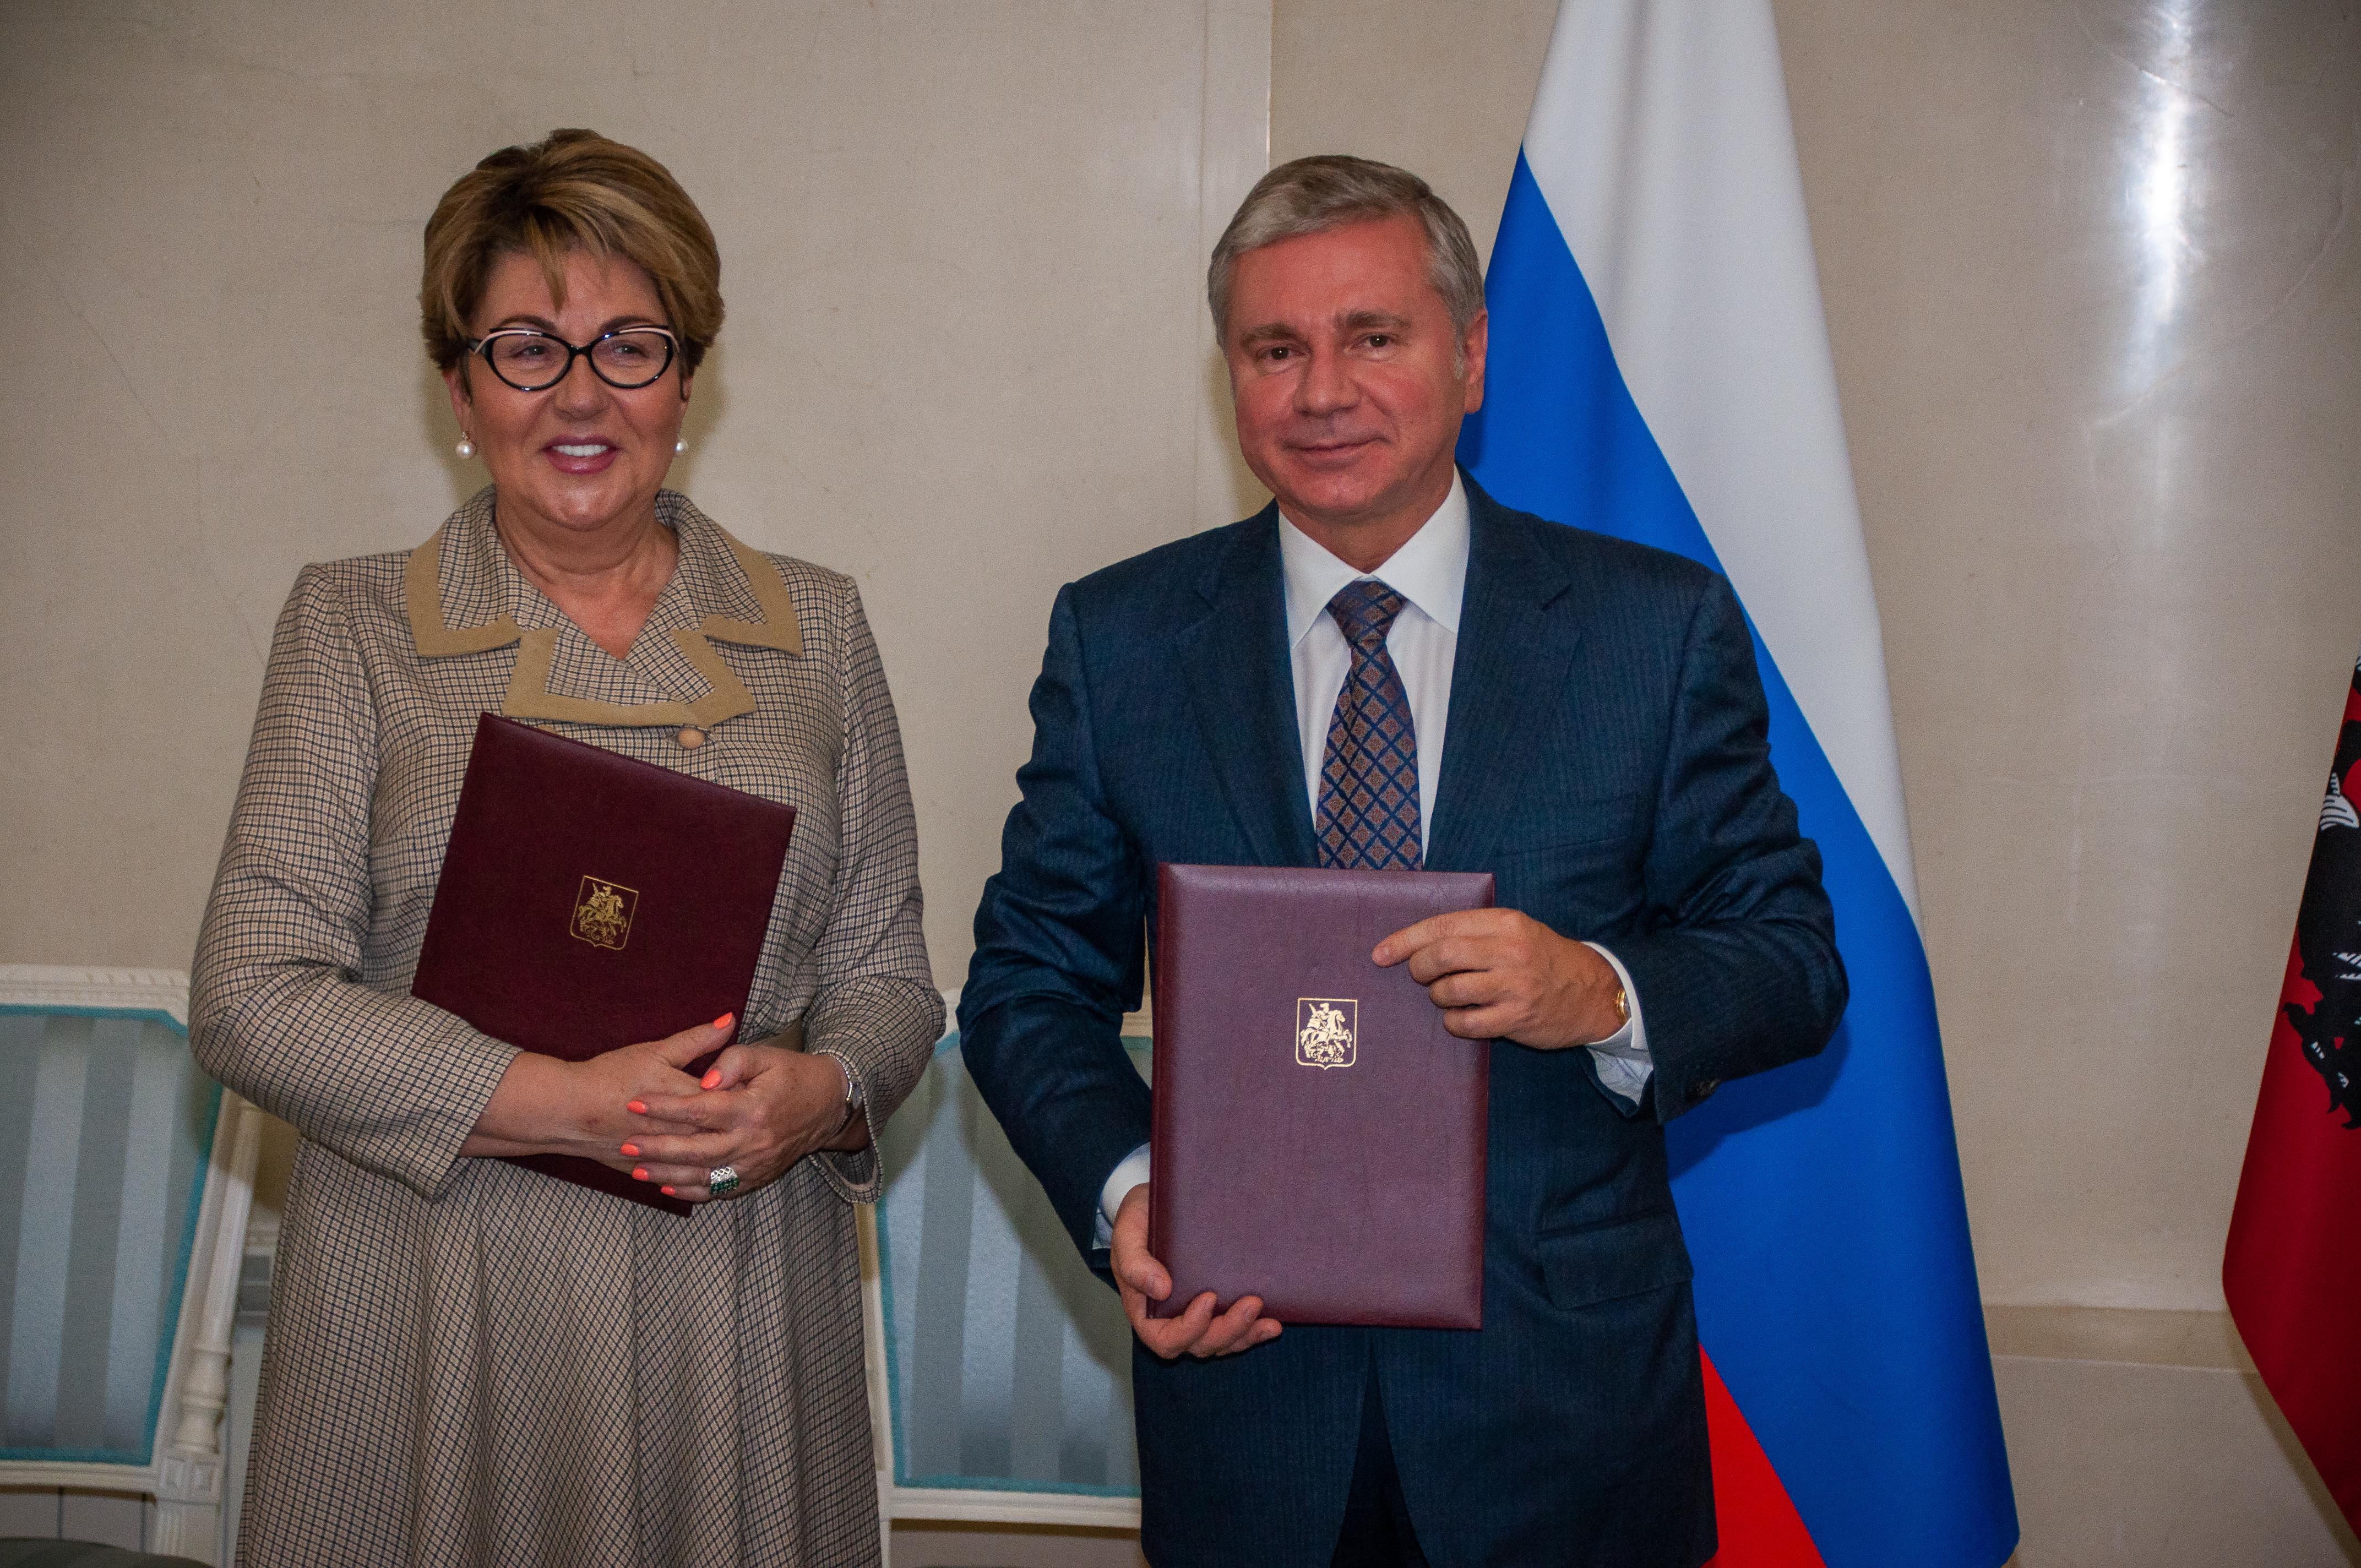 Соглашение между правительством Москвы и Россотрудничеством позволит продвигать русскую культуру за рубежом